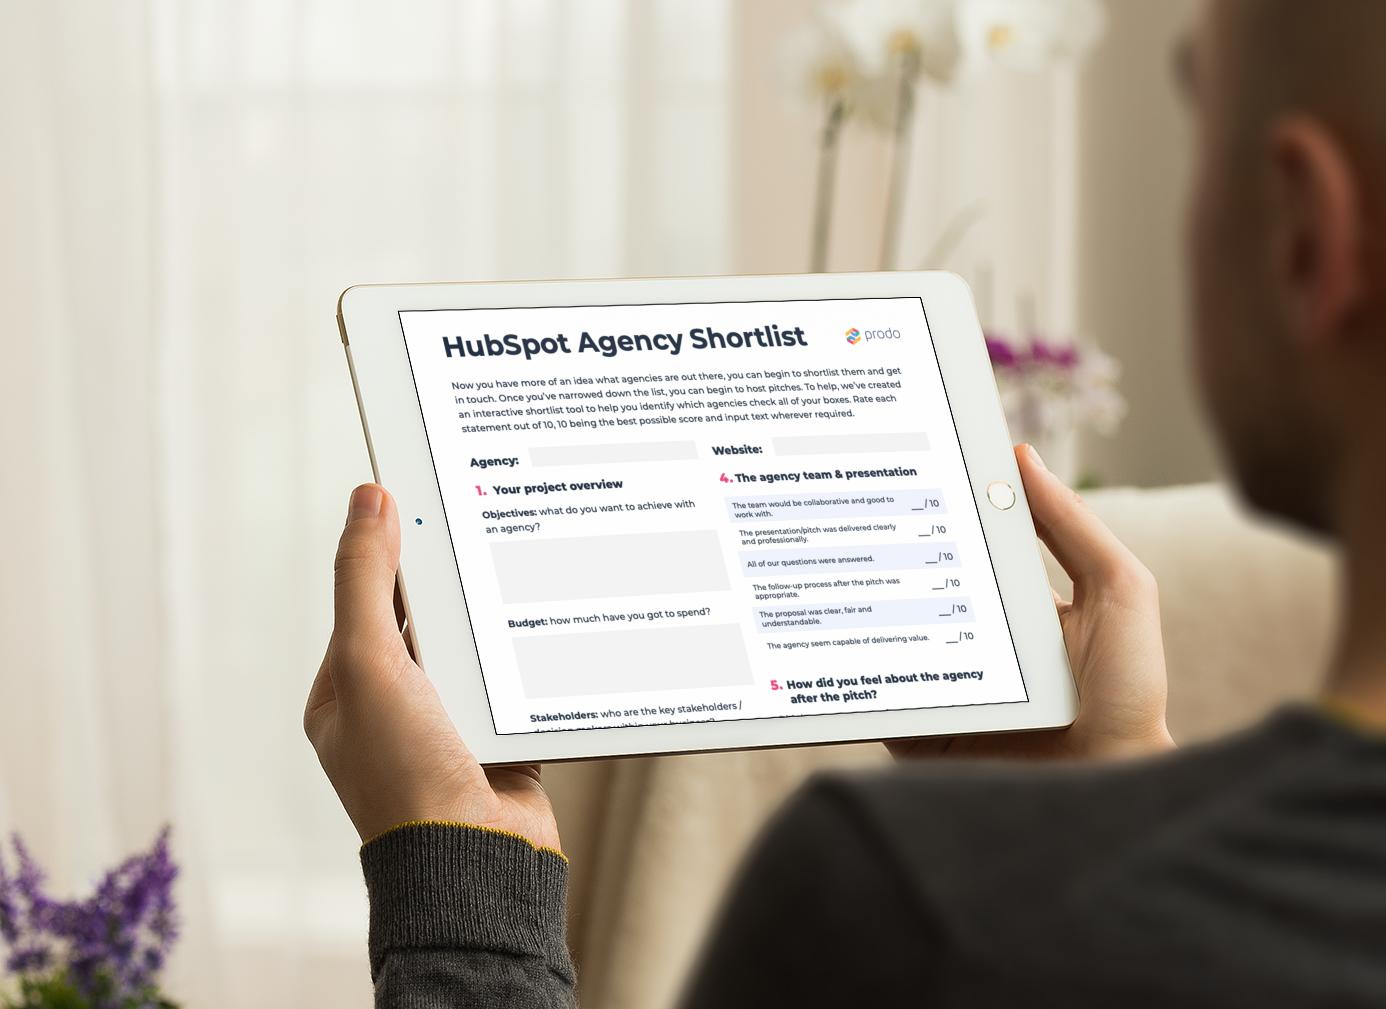 HubSpot Agency Shortlist